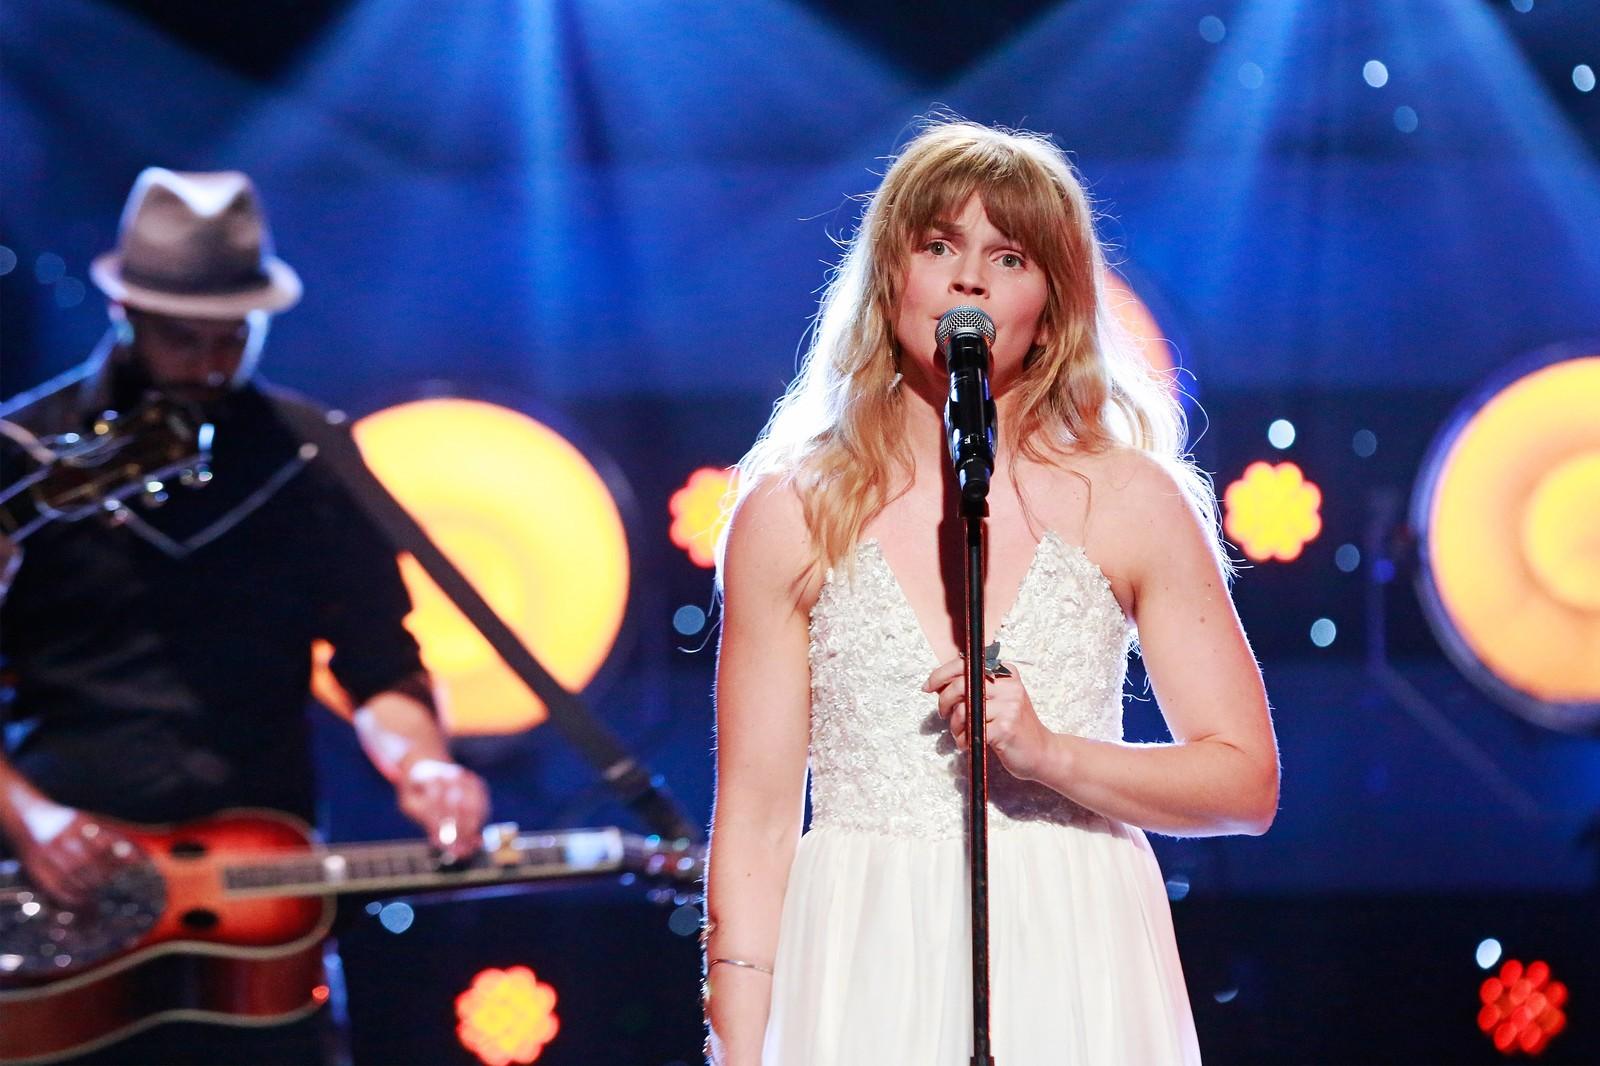 HJERTESMERTE: Gunnhild Sundli satset alt på sangen «Stay» av Allyson Taylor og Larry Byrom.